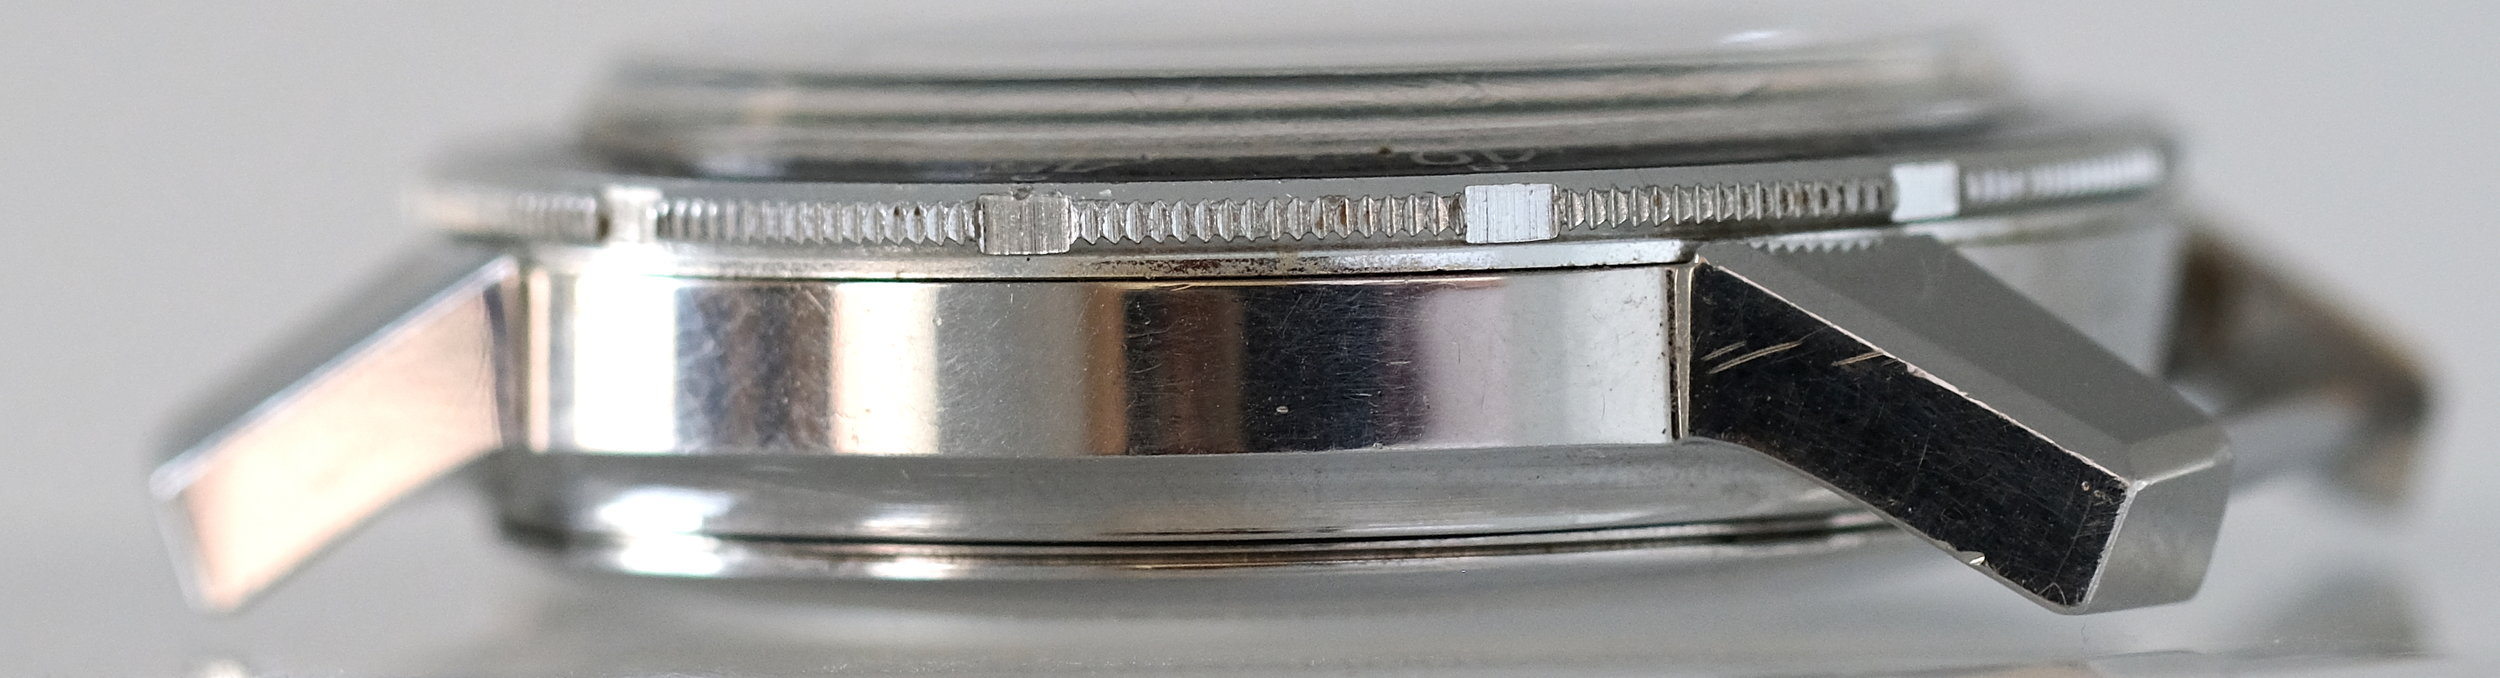 DSCF7441.JPG